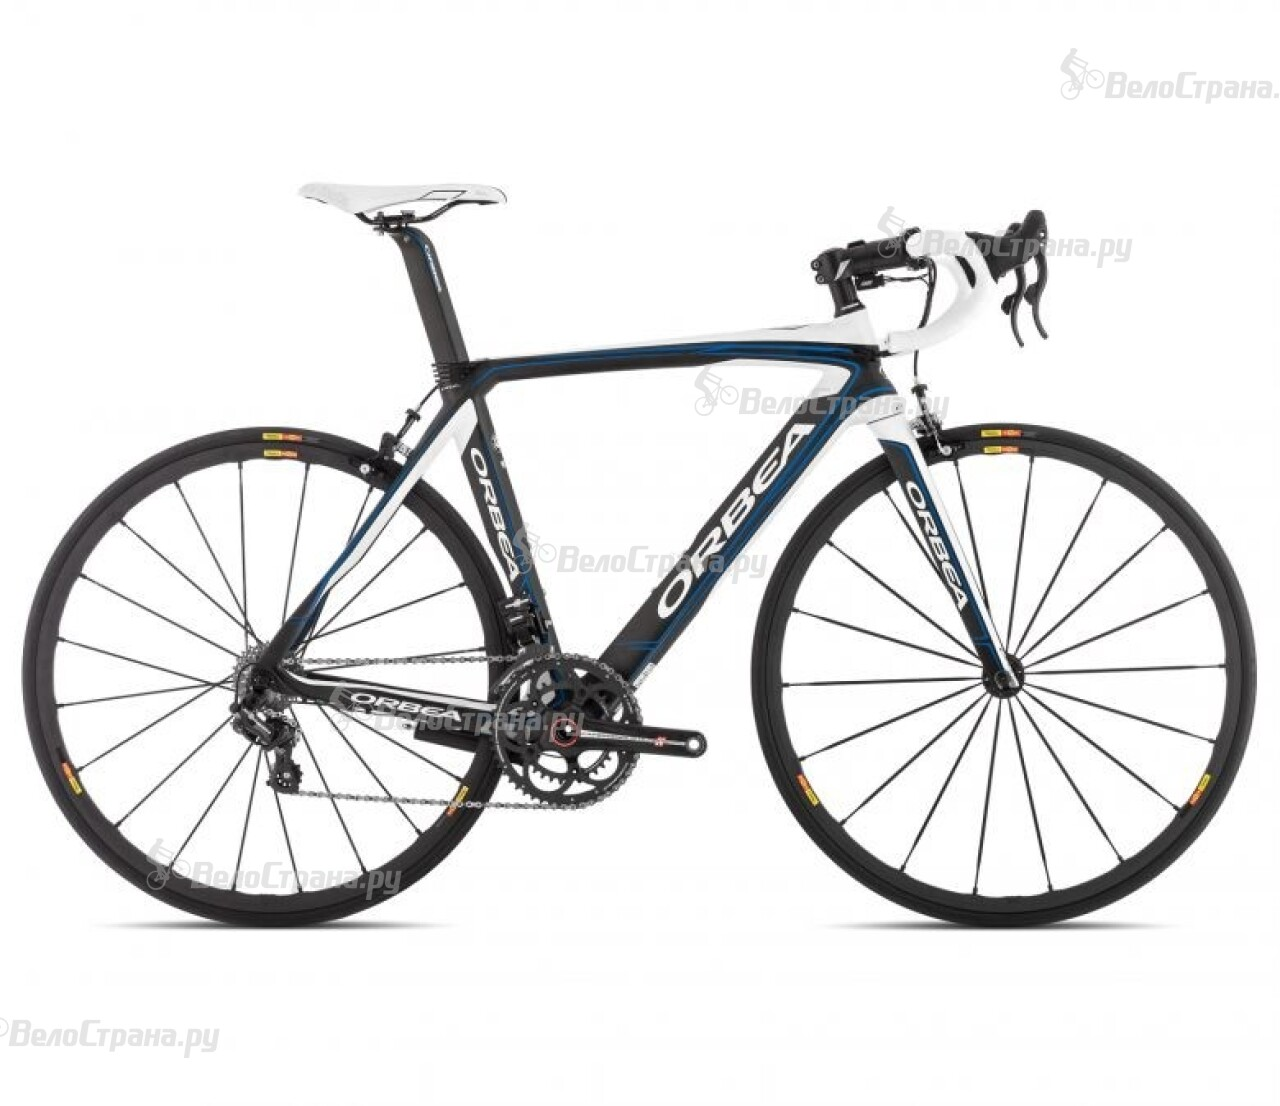 Велосипед Orbea Orca M11 (2014) велосипед orbea orca dama gth 2013